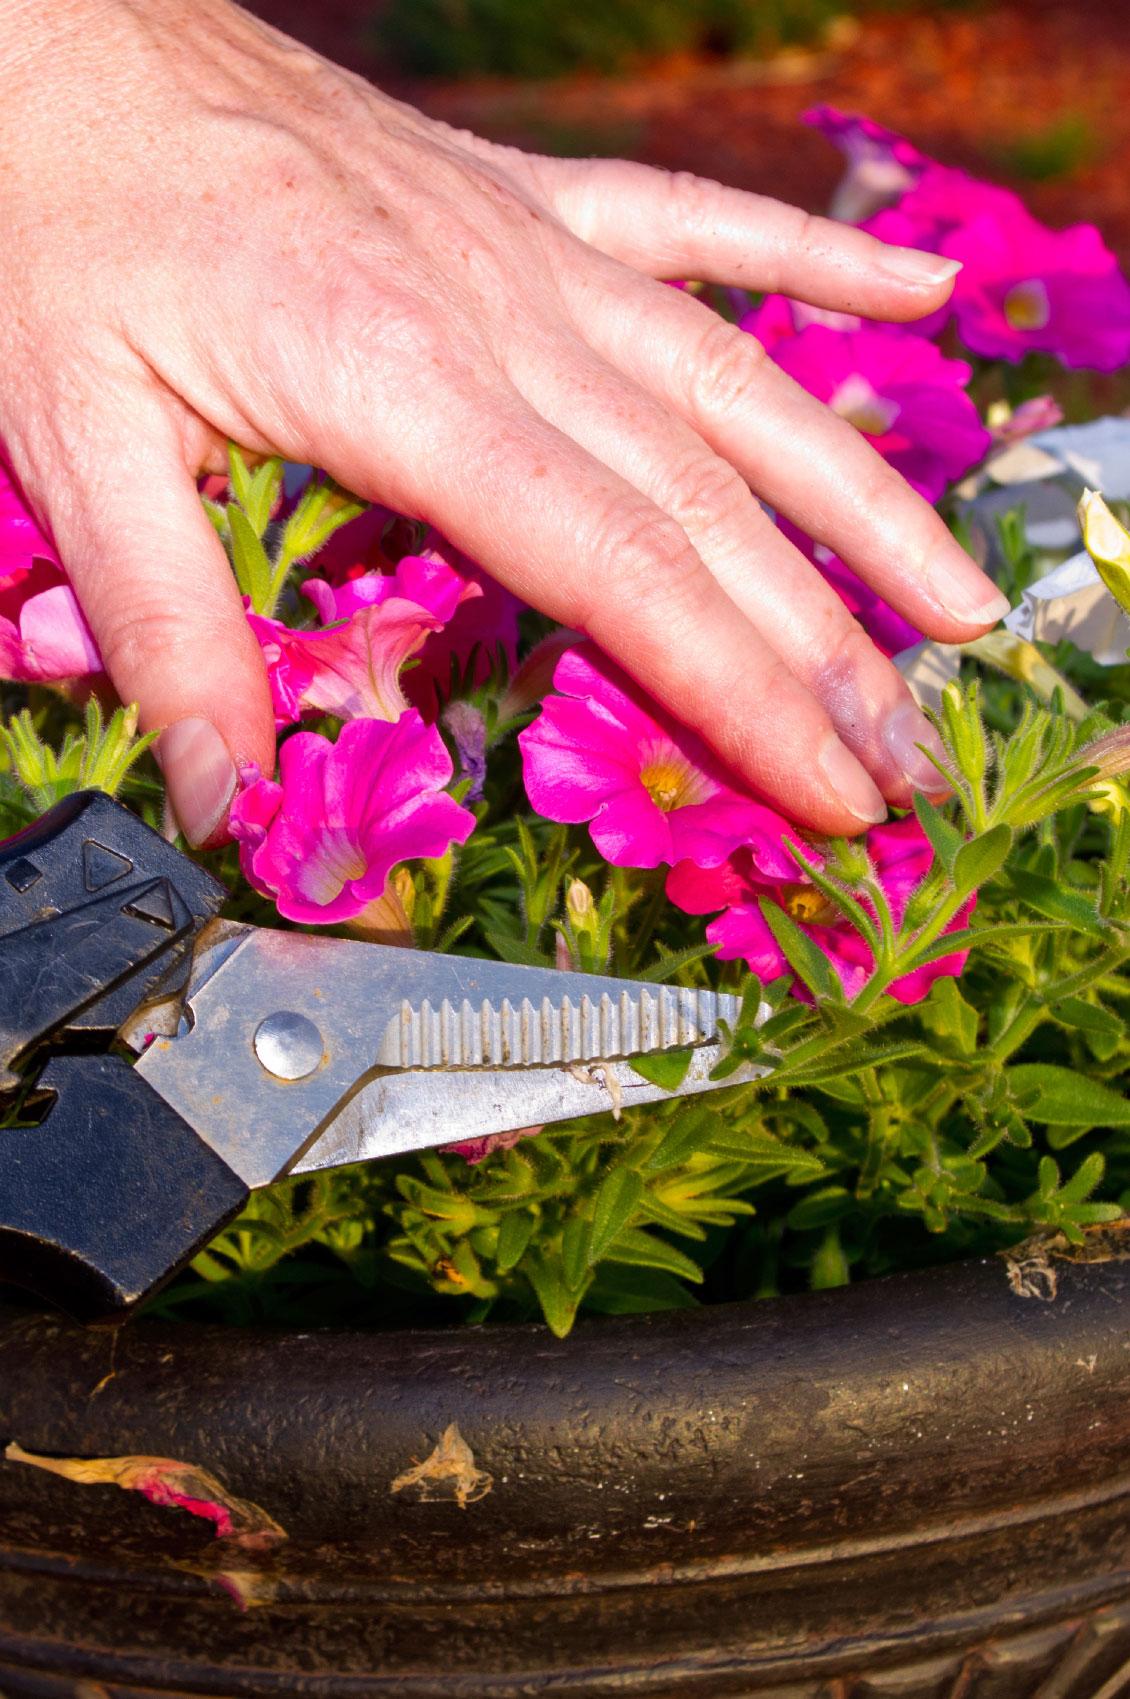 Loại bỏ chồi trông yếu ớt và không mọc hoa, hãy tỉa chúng xuống ngay lập tức.